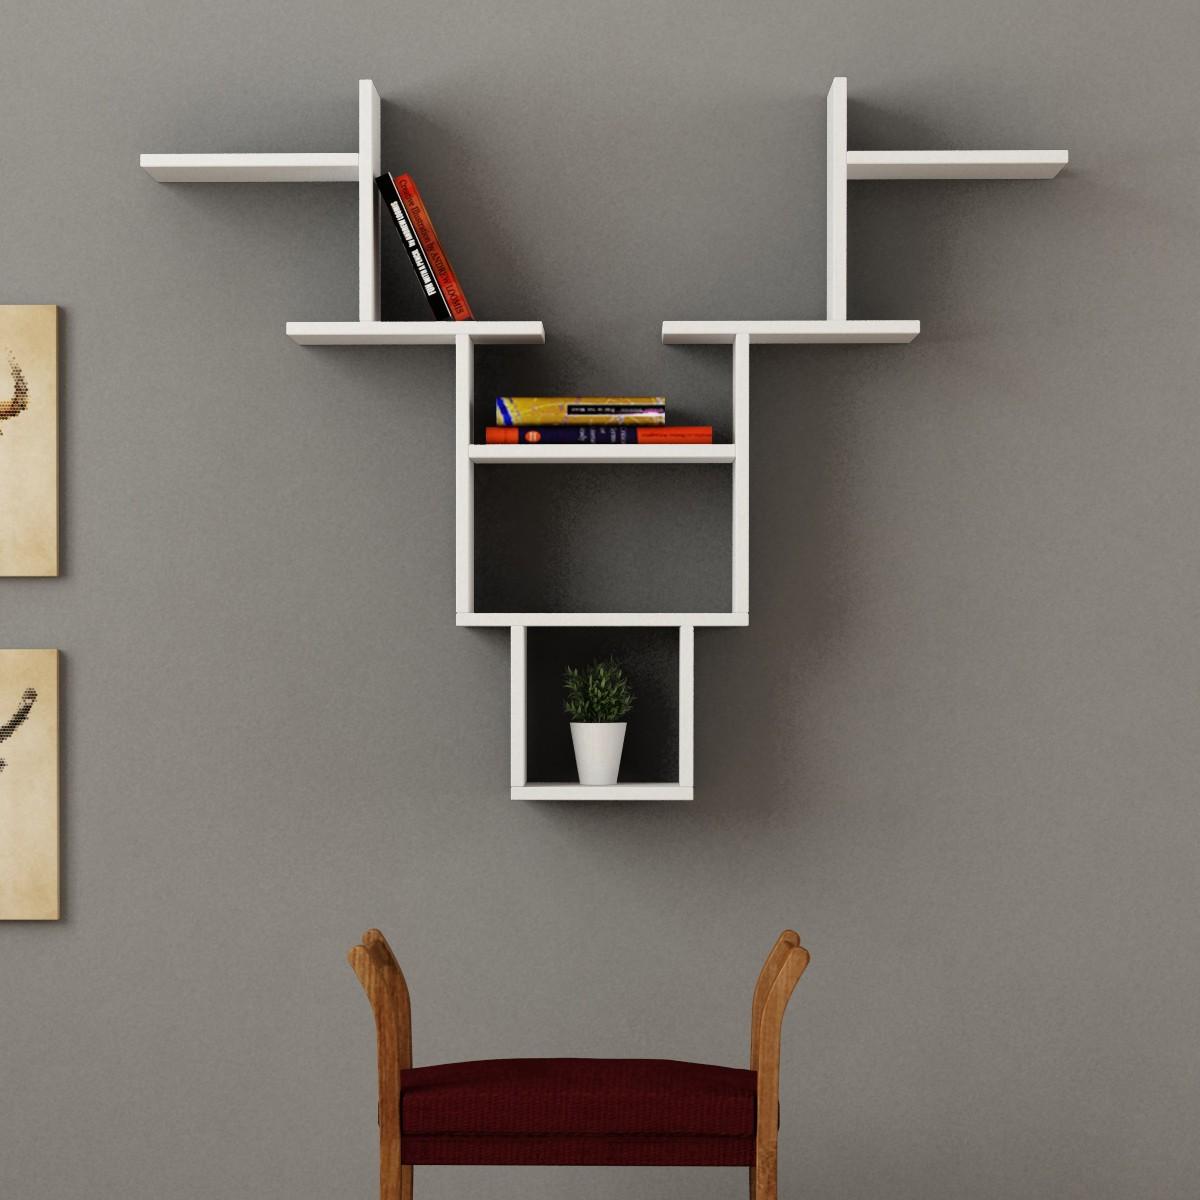 Come aggiungere colore e stile alle pareti della casa con una mensola di design - Libreria a parete ...